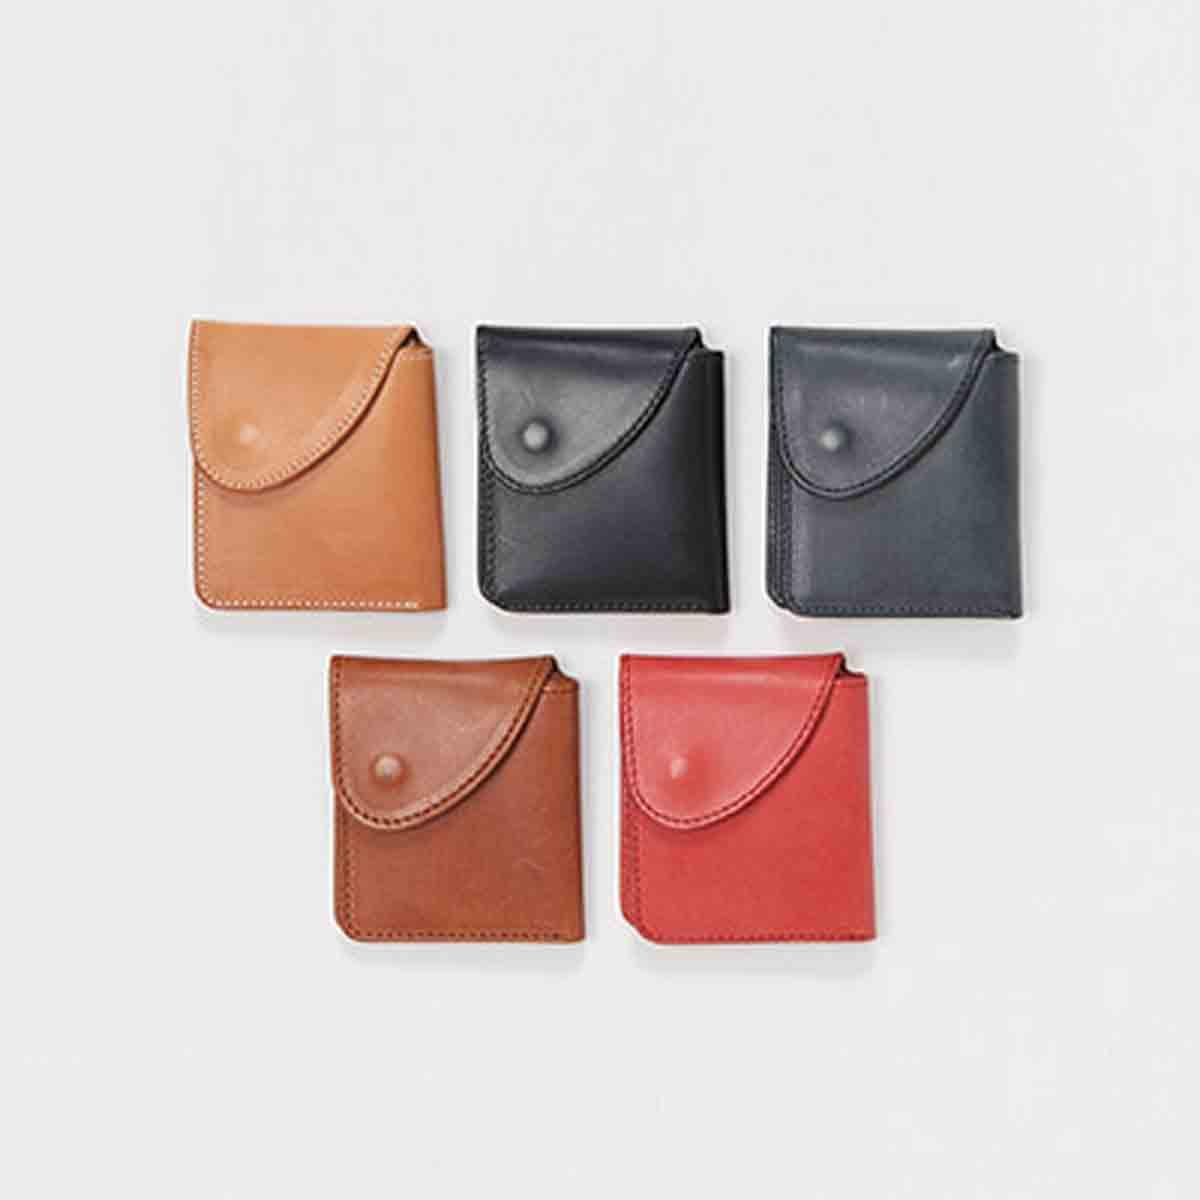 財布・ケース, メンズ財布 Hender Scheme wallet 5 colors